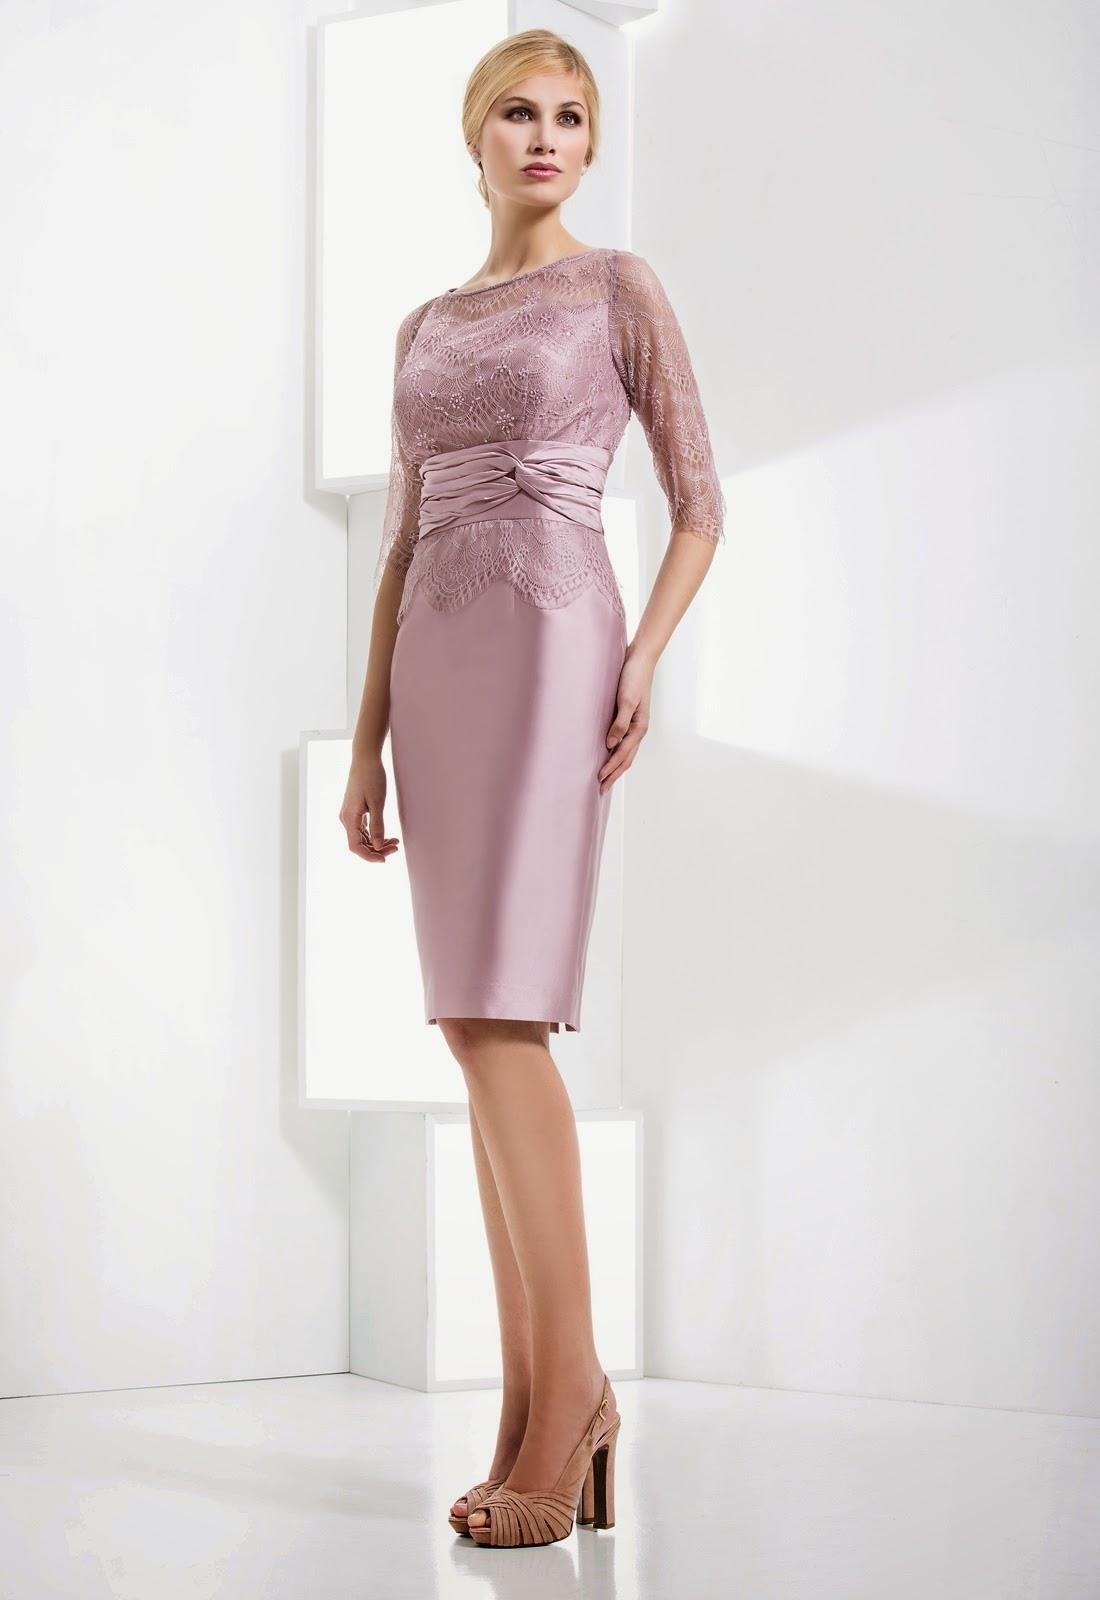 Designer Elegant Kurze Kleider Für Hochzeitsgäste Boutique13 Erstaunlich Kurze Kleider Für Hochzeitsgäste Boutique